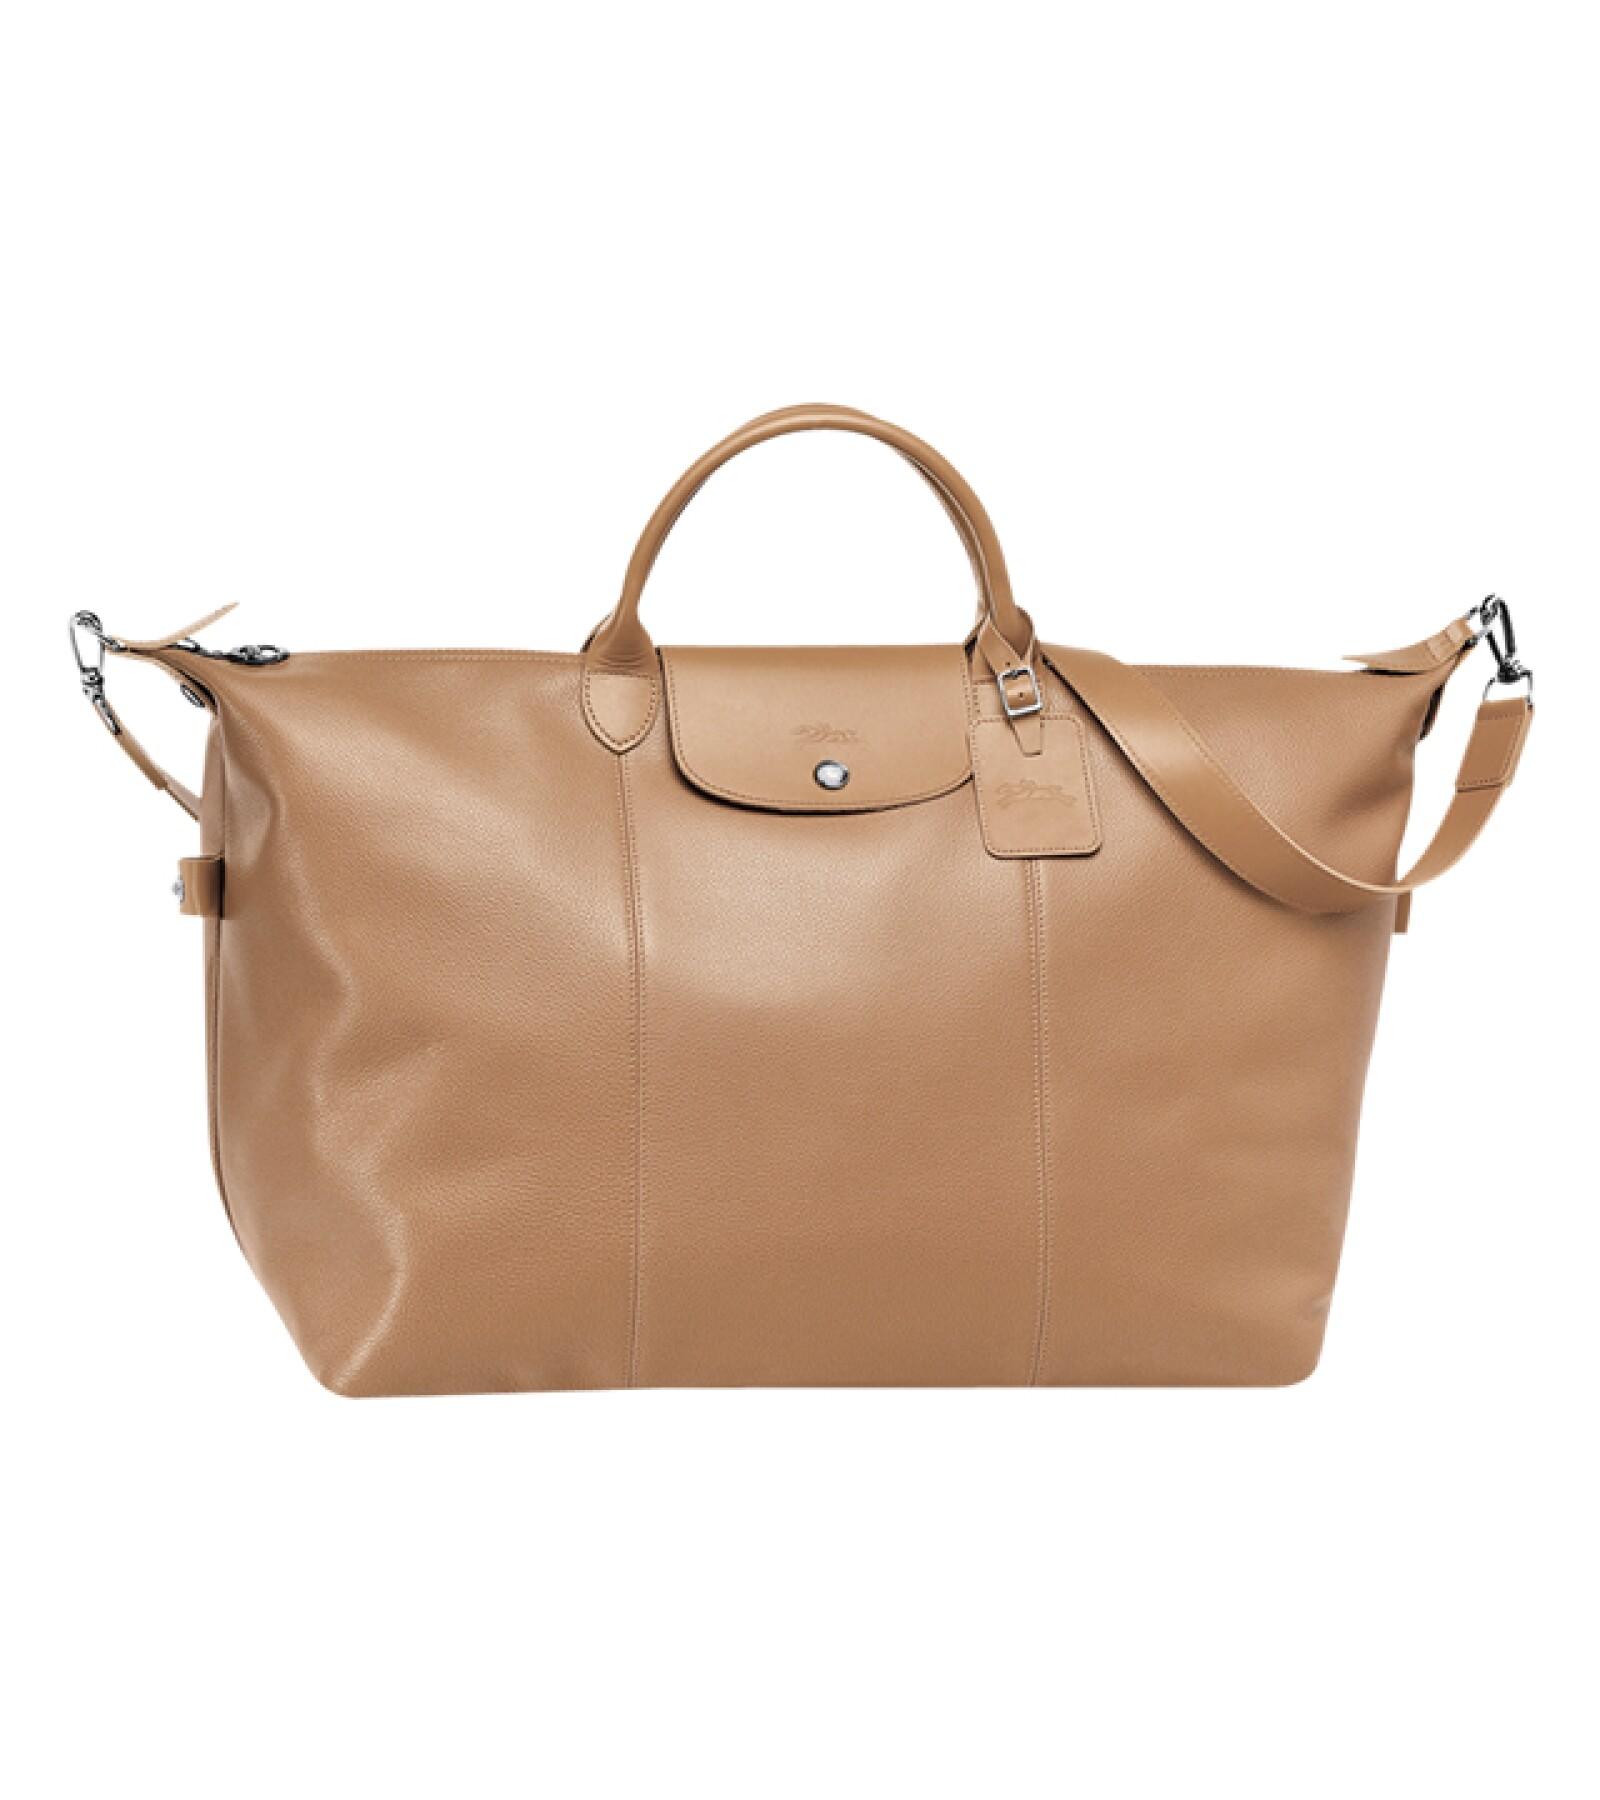 Longchamp: Bolsa de viaje Le Foulonné en color natural. Esta elegante duffle bag ofrece un increíble tamaño y una incomparable funcionalidad, perfecta para hacer cualquier viaje. longchamp.com